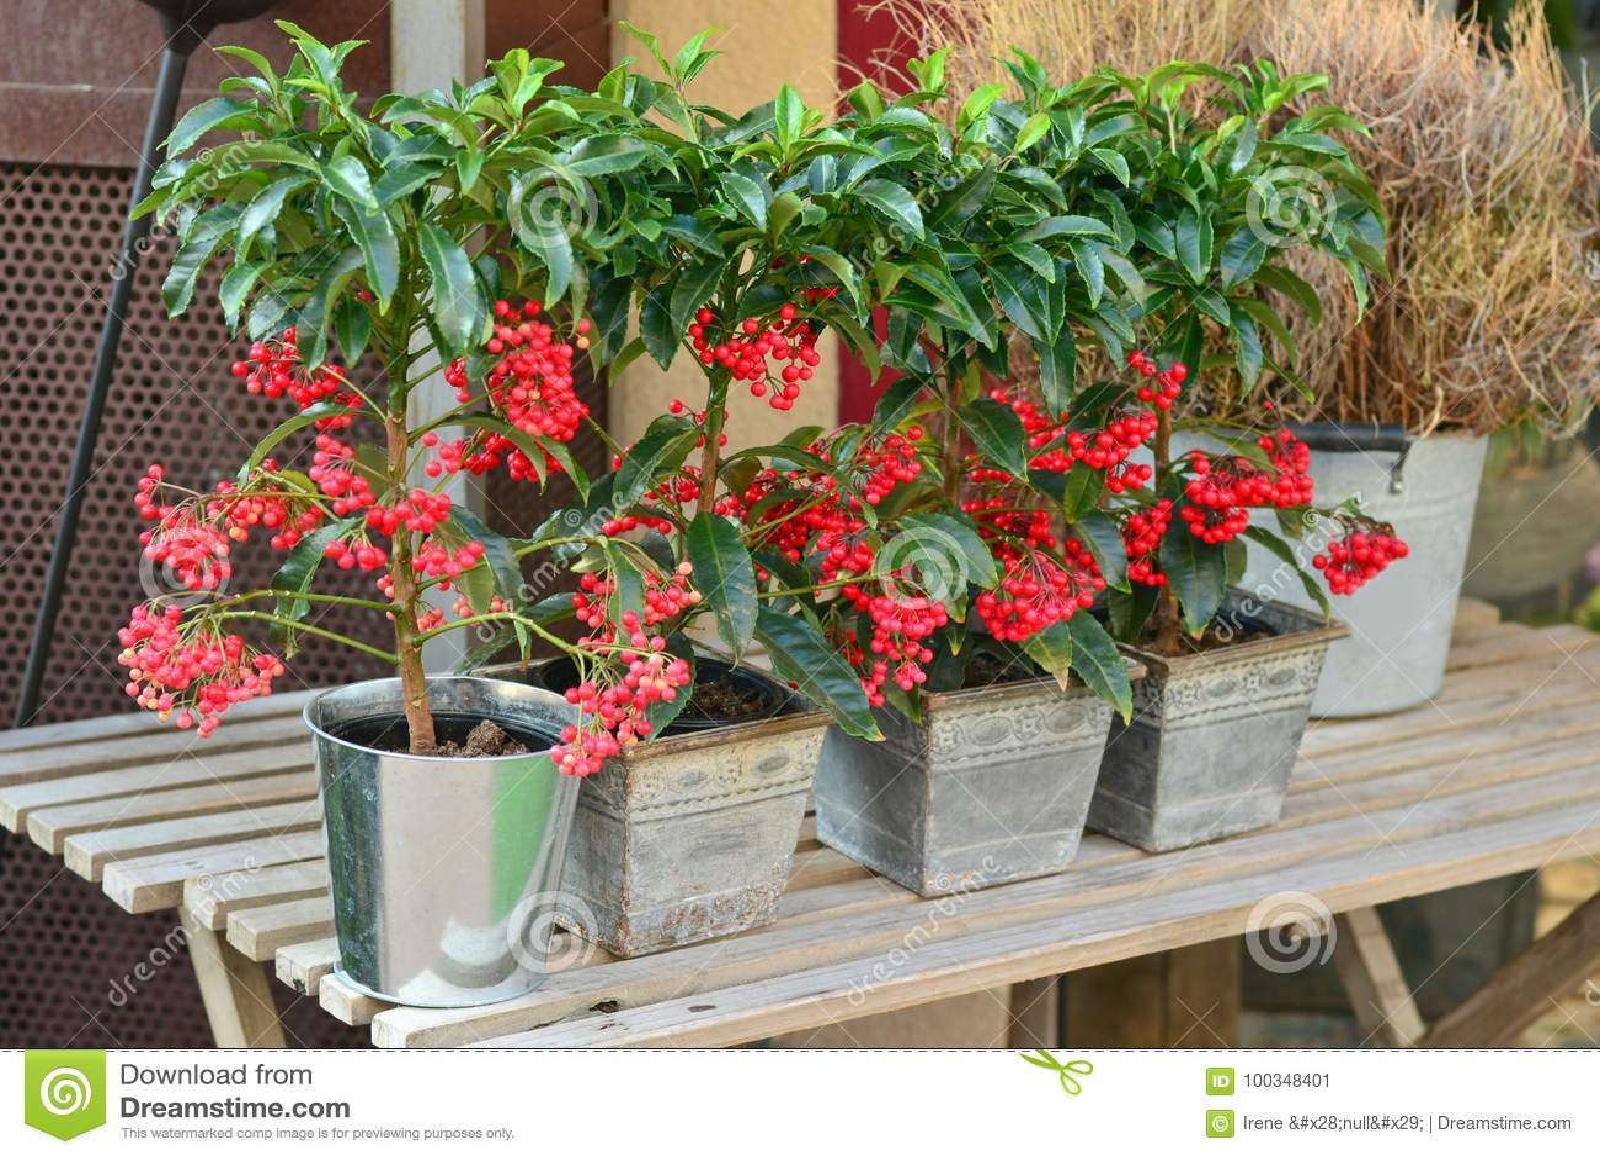 Röd VÄXT för bärträd PYARACANTHA